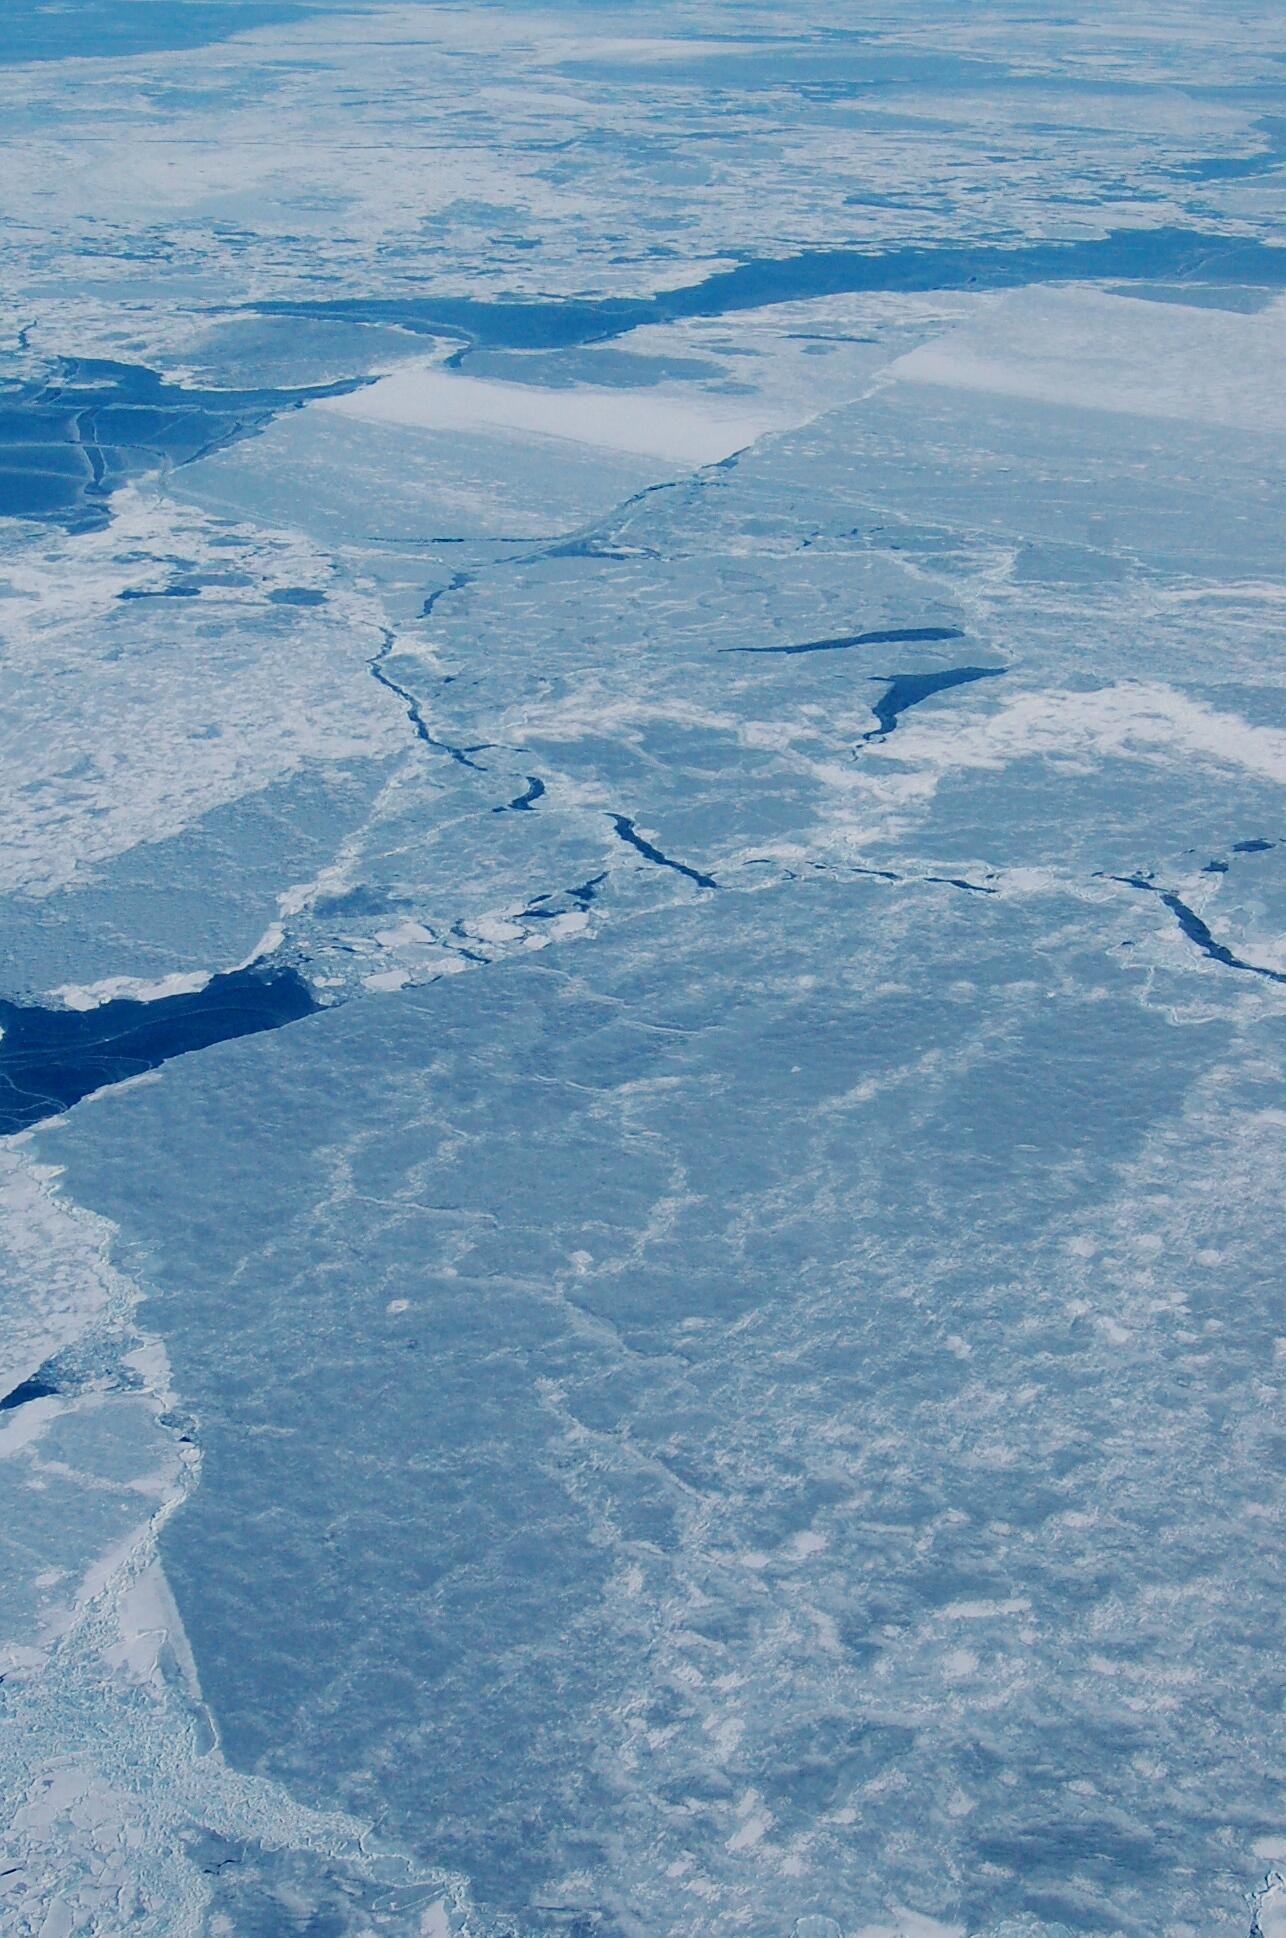 Imagem da camada de gelo no Pólo Norte. Segundo cientistas Ártico tem maior degelo já registrado.